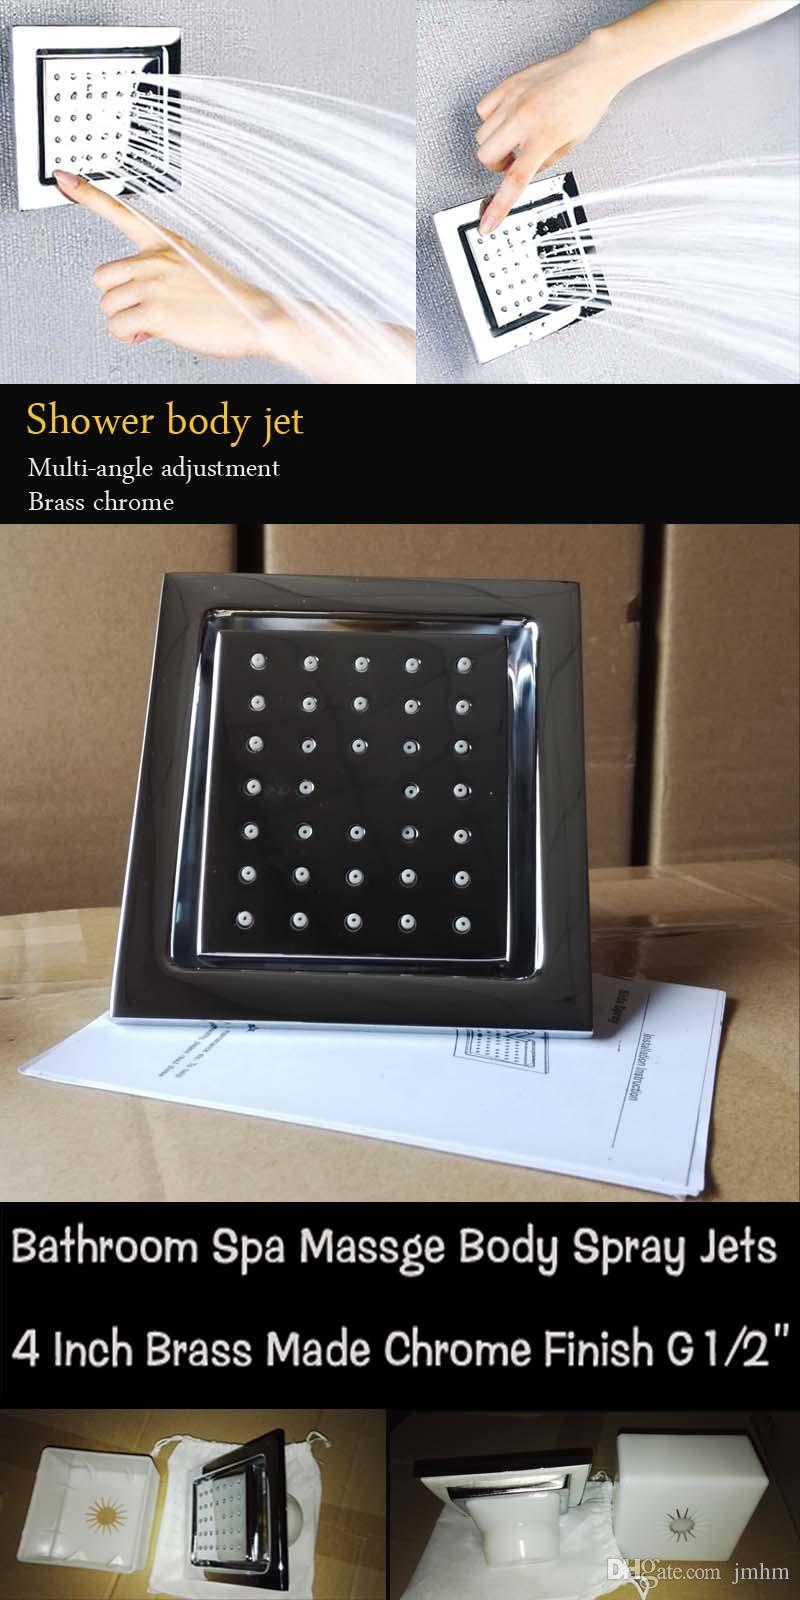 اكسسوارات الحمام الأمطار LED دش رؤساء هيدرو LED الطاقة ضوء السقف المطر تدليك الجسم جيت رذاذ دش مجموعة